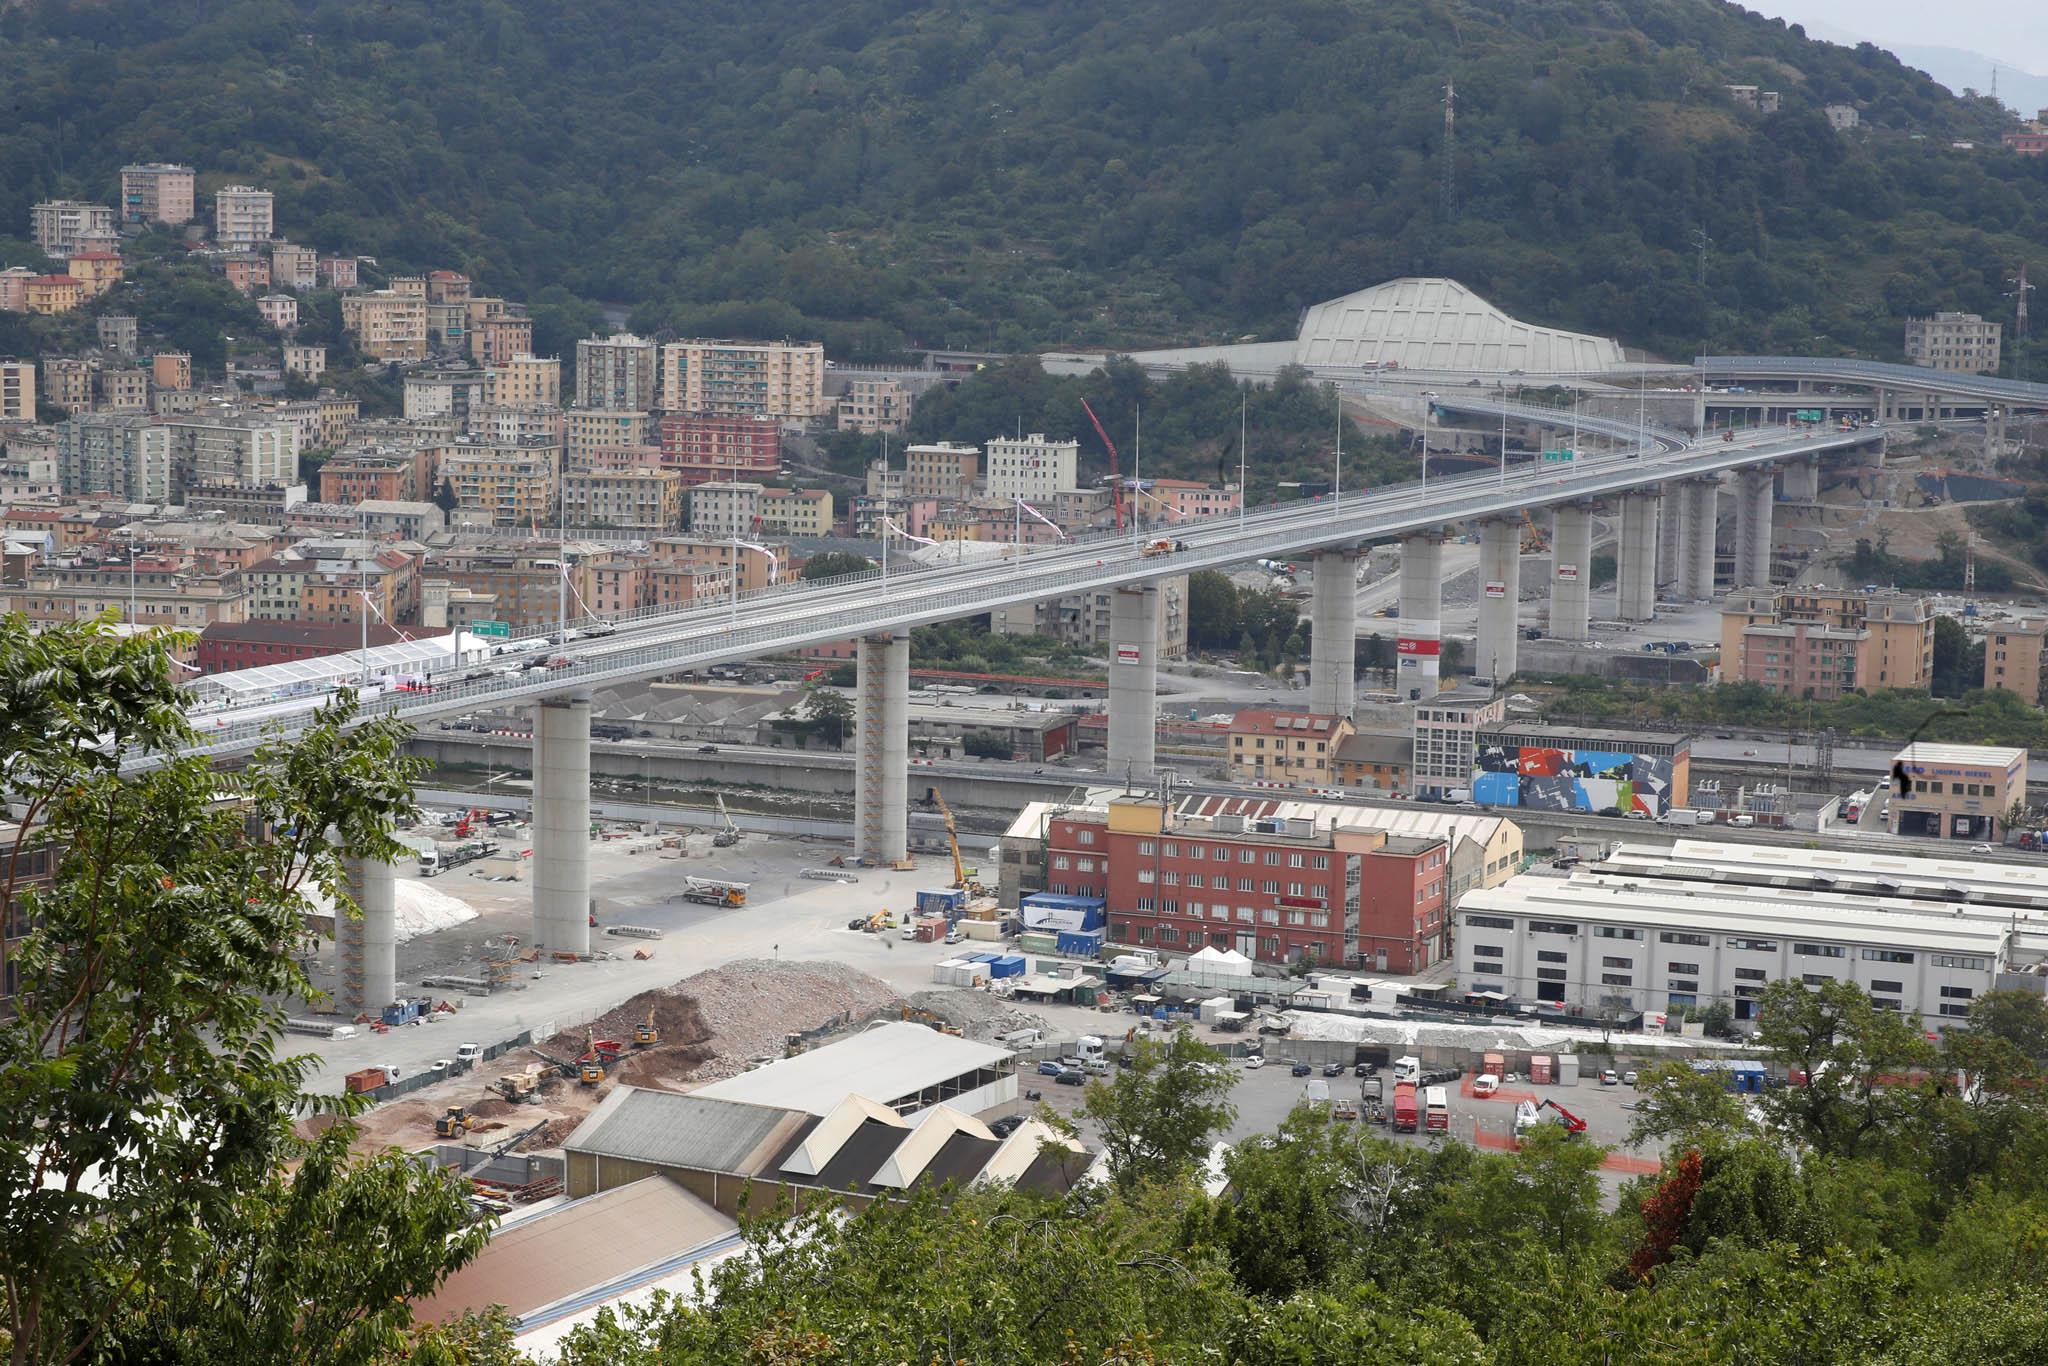 Vseveroitalském Janově slavnostně otevřeli nový dálniční most namístě Morandiho mostu, jehož část se 14.srpna 2018 zřítila.